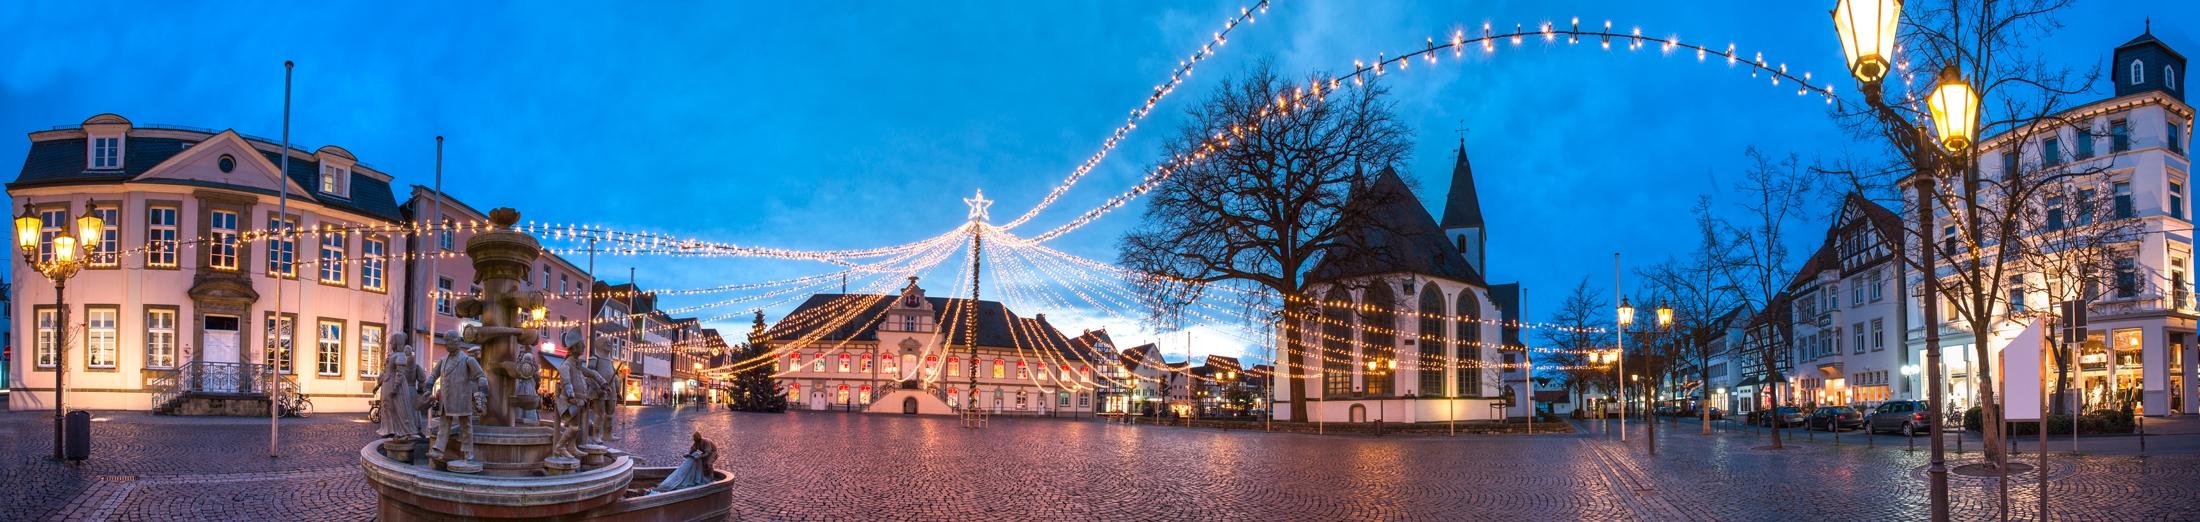 stadtansicht_lippstadt_rathausplatz_ideal